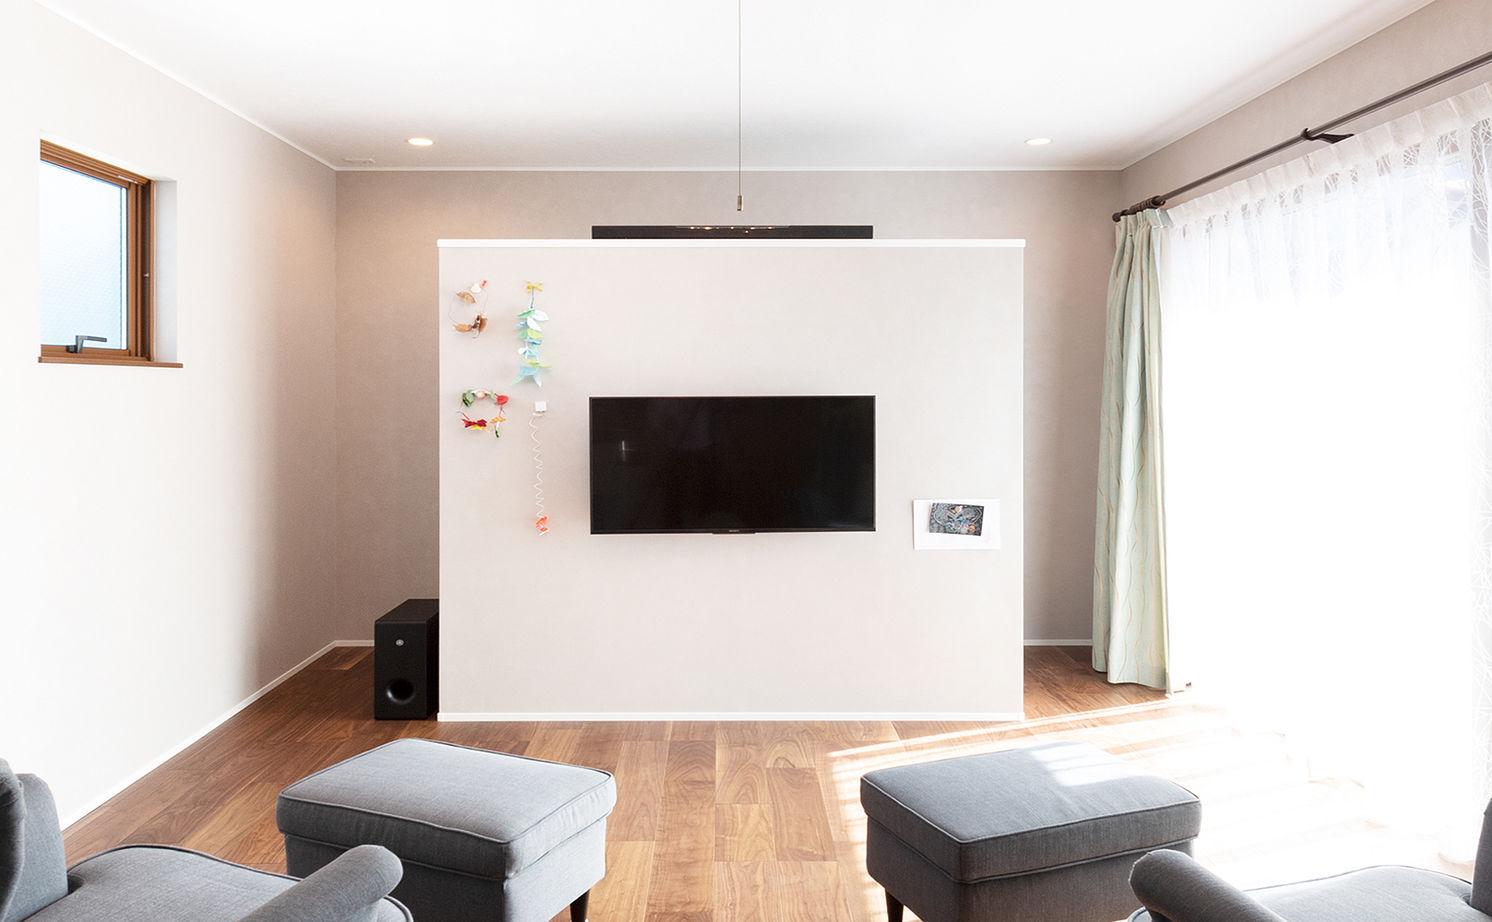 【3000~3500万円】イギリス生活のエッセンスを盛り込んで設計。北摂エリアで土地から叶えた動線のいい家画像2